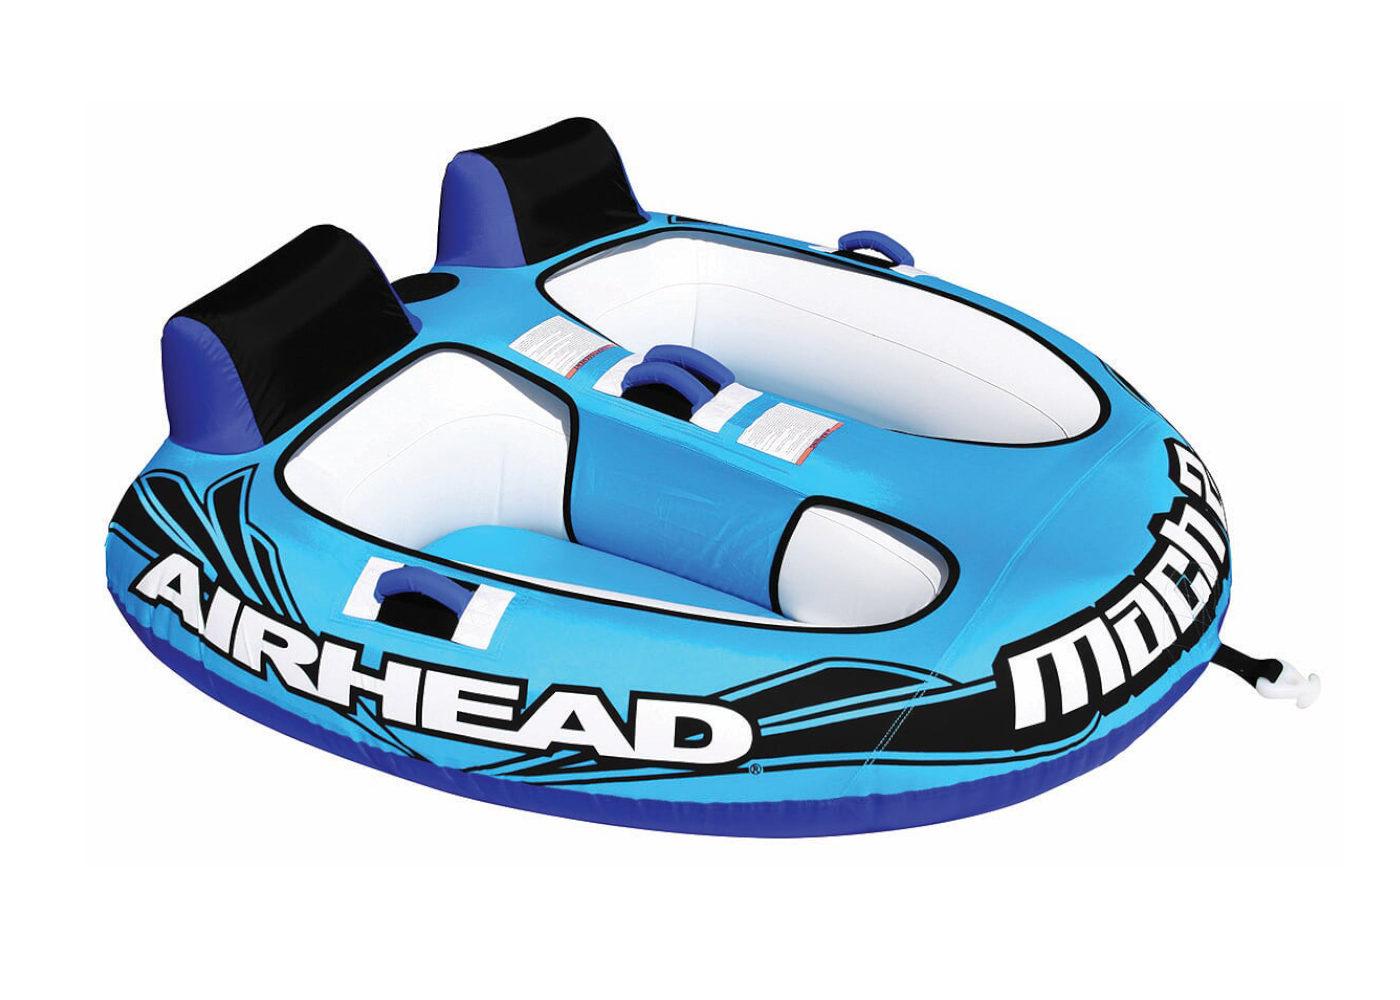 Airhead Mach Child's Rider